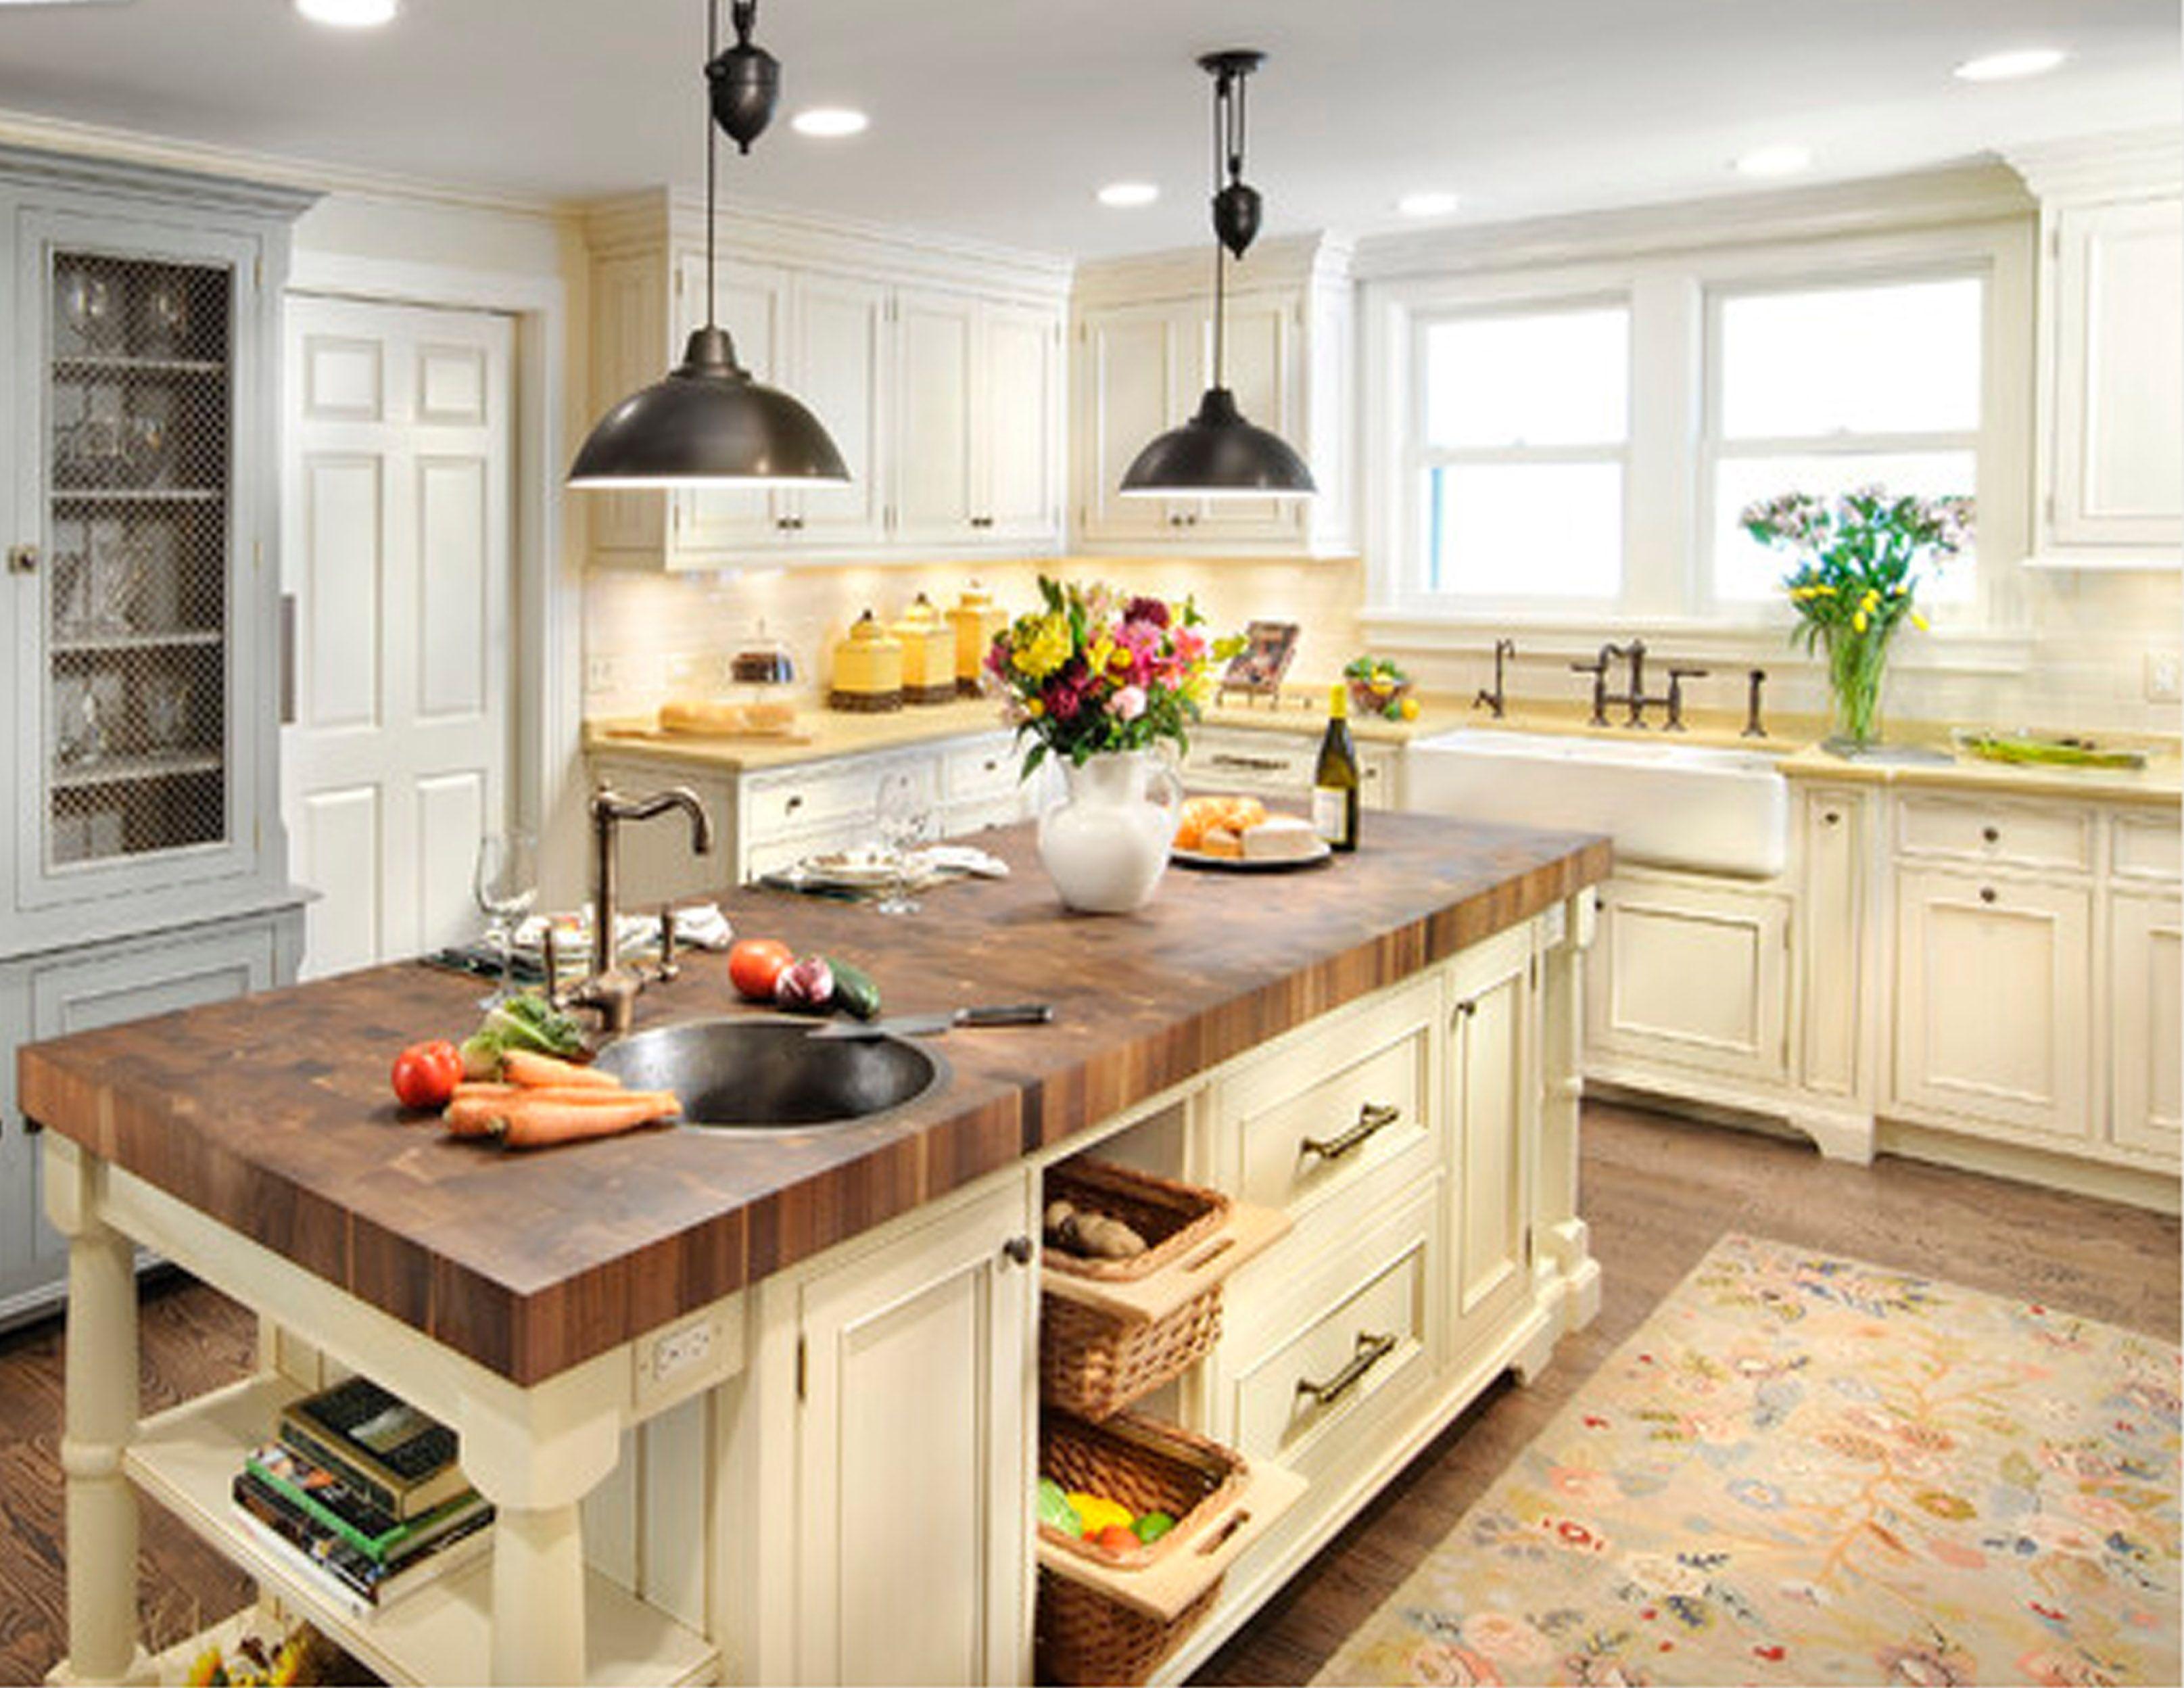 country kitchen wohnen pinterest wohnen. Black Bedroom Furniture Sets. Home Design Ideas